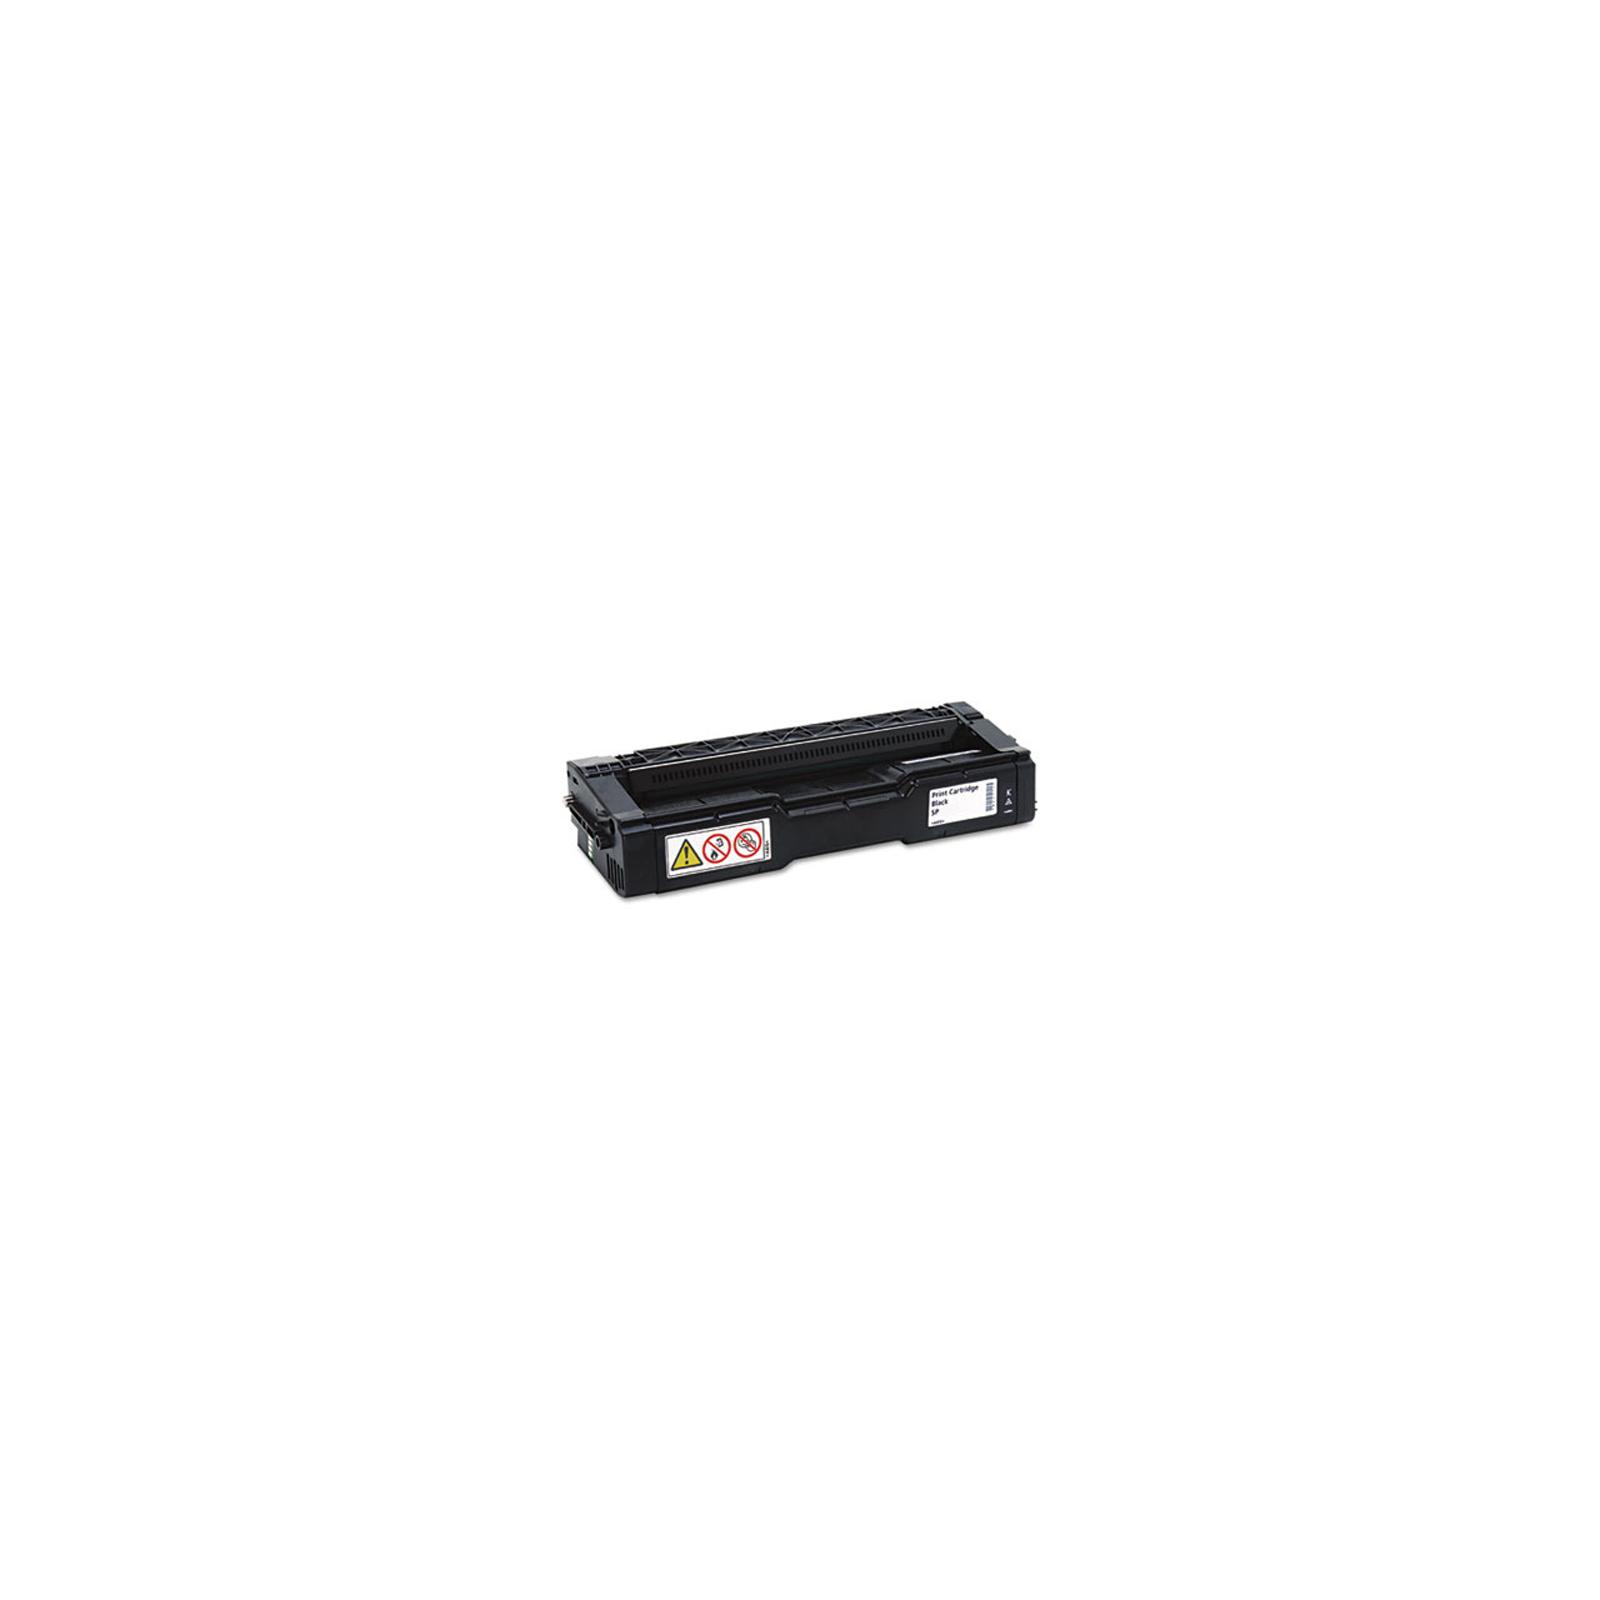 Тонер-картридж Ricoh SP5200/SP5210 Black 25К (406685) изображение 2